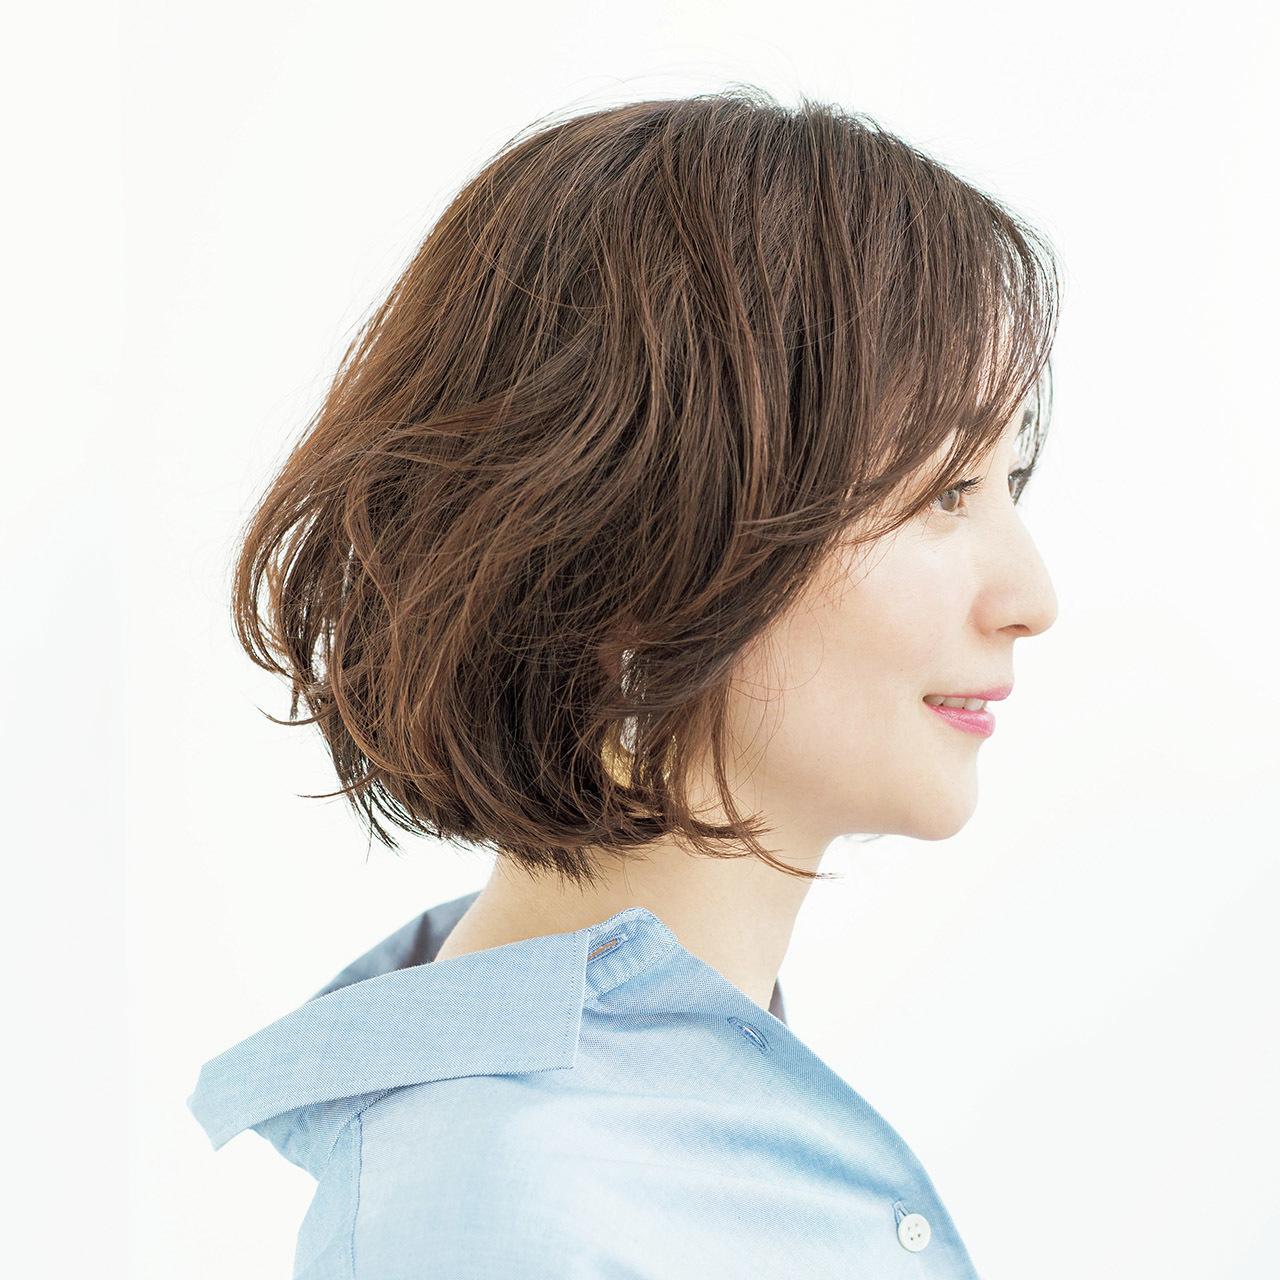 おしゃれに見える大人のヘアスタイル photo gallery_1_1-16